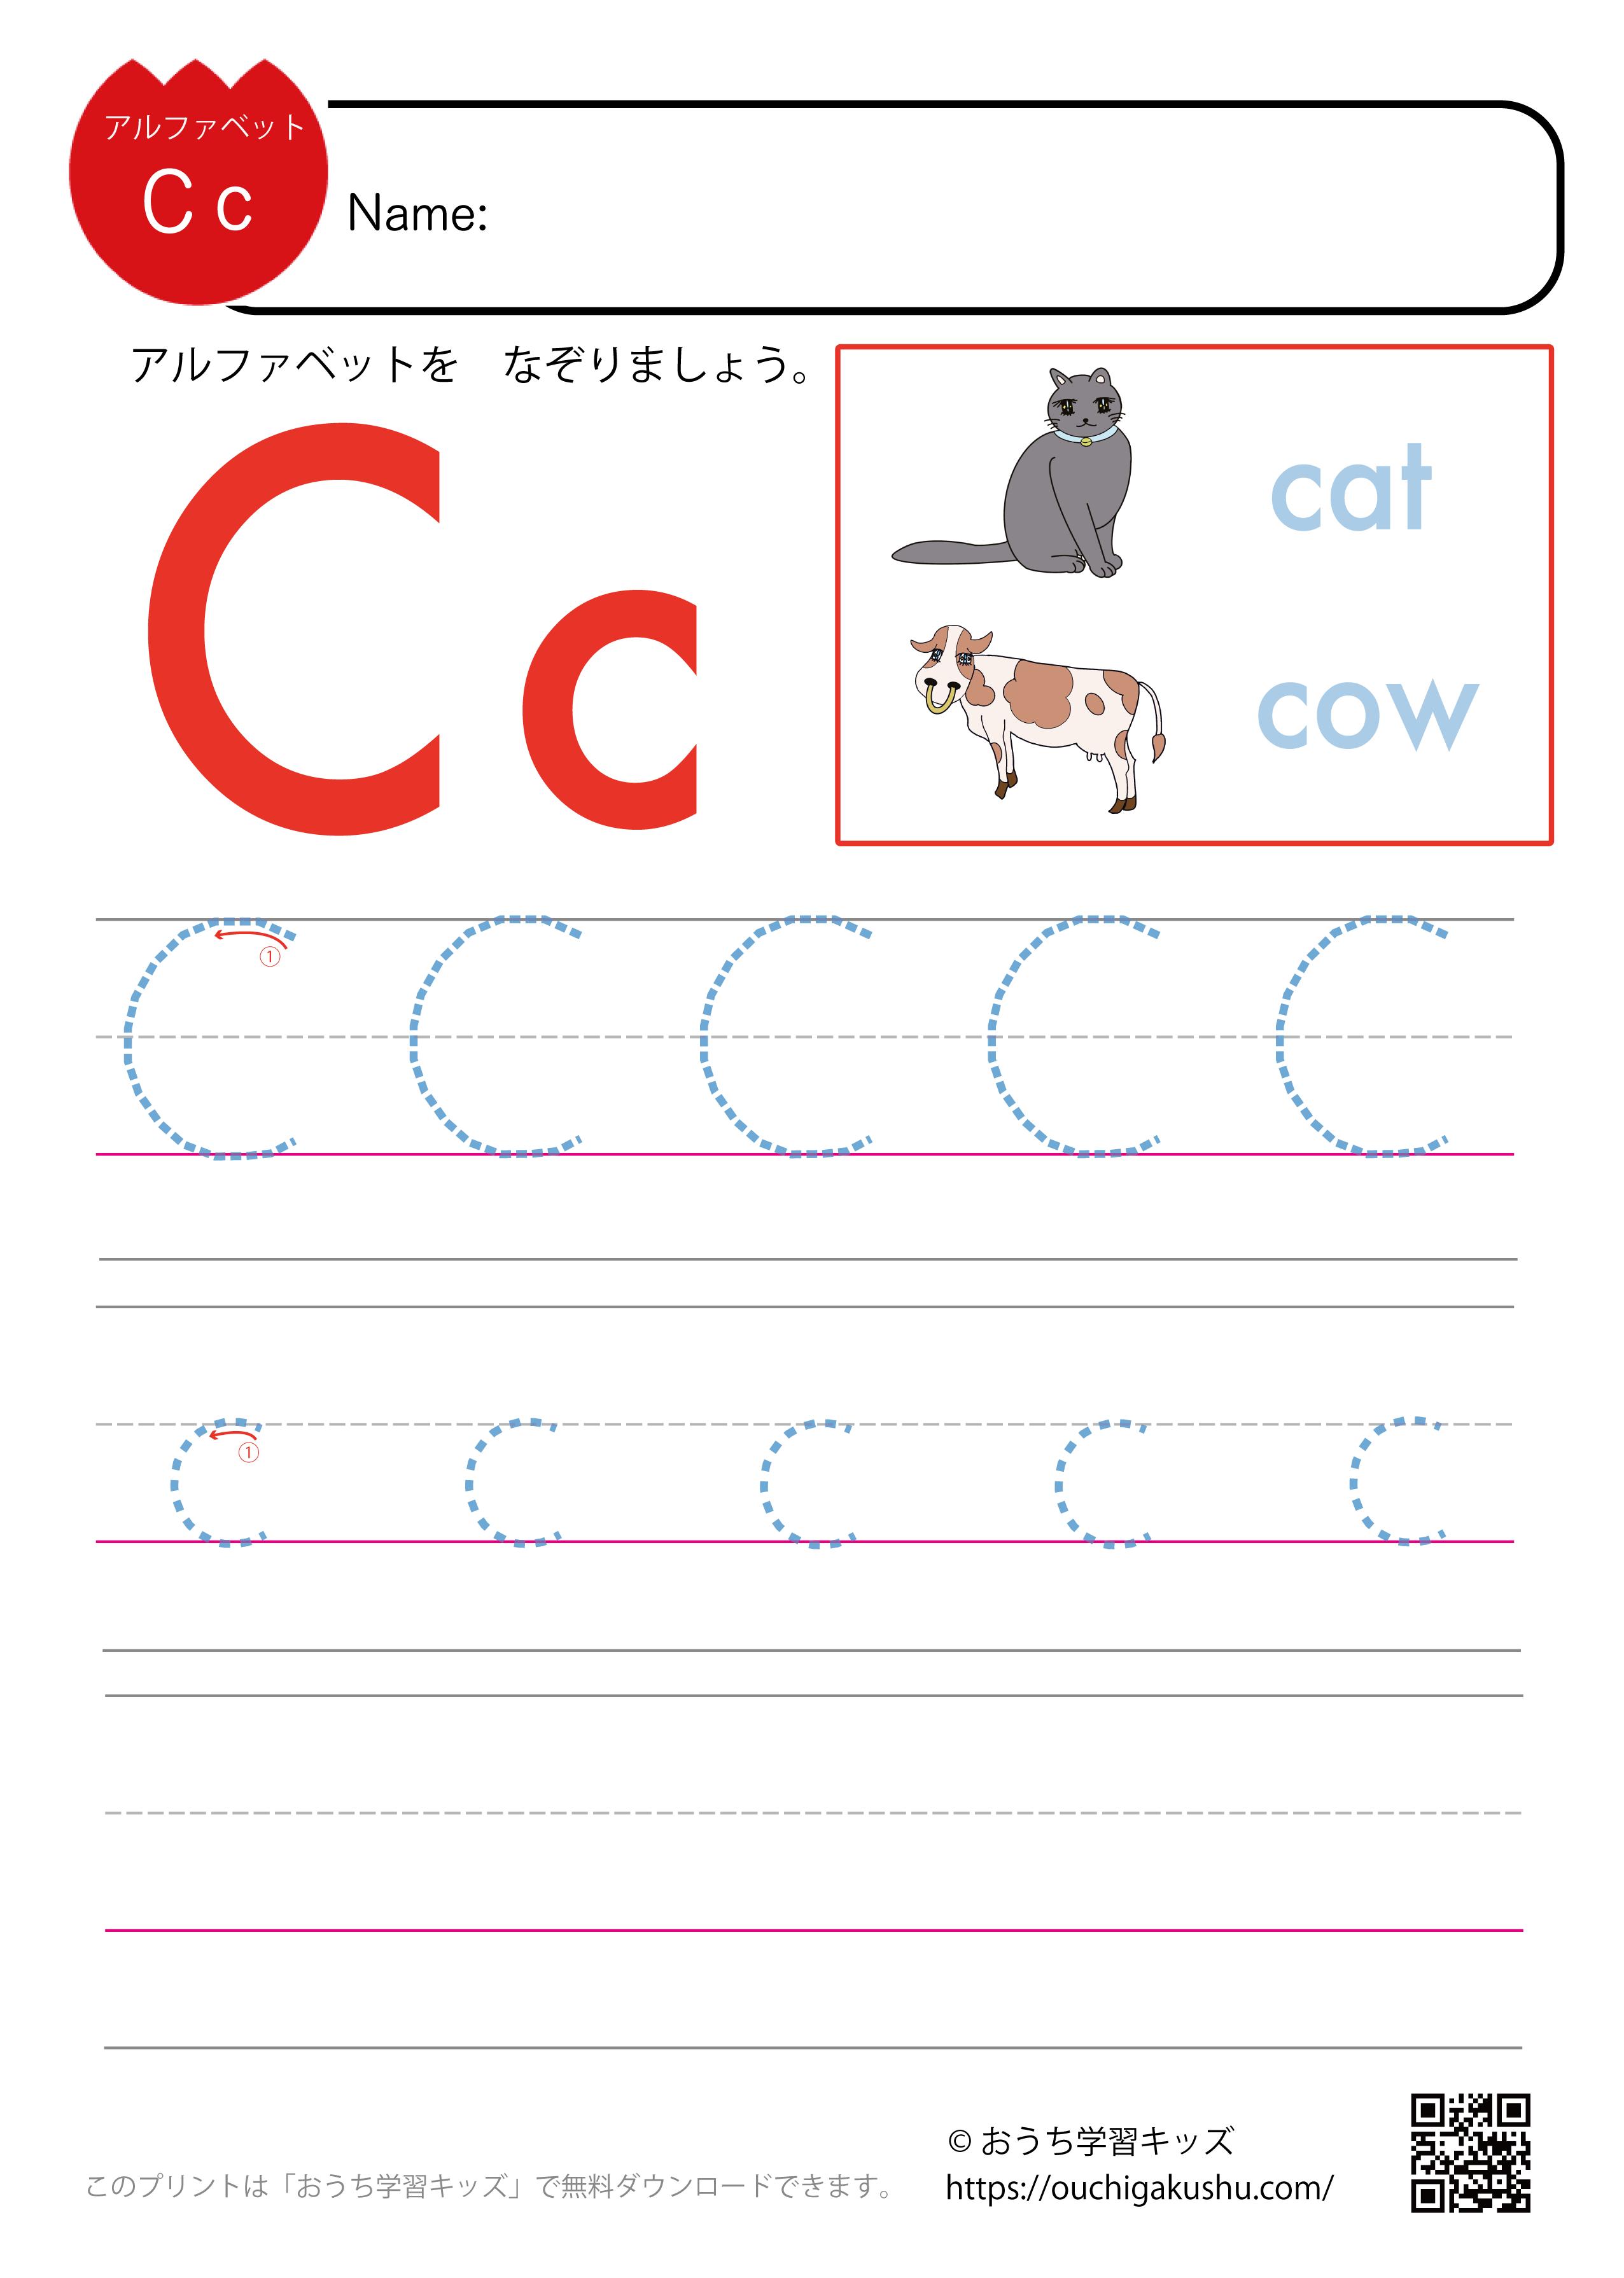 アルファベット練習プリント「C」